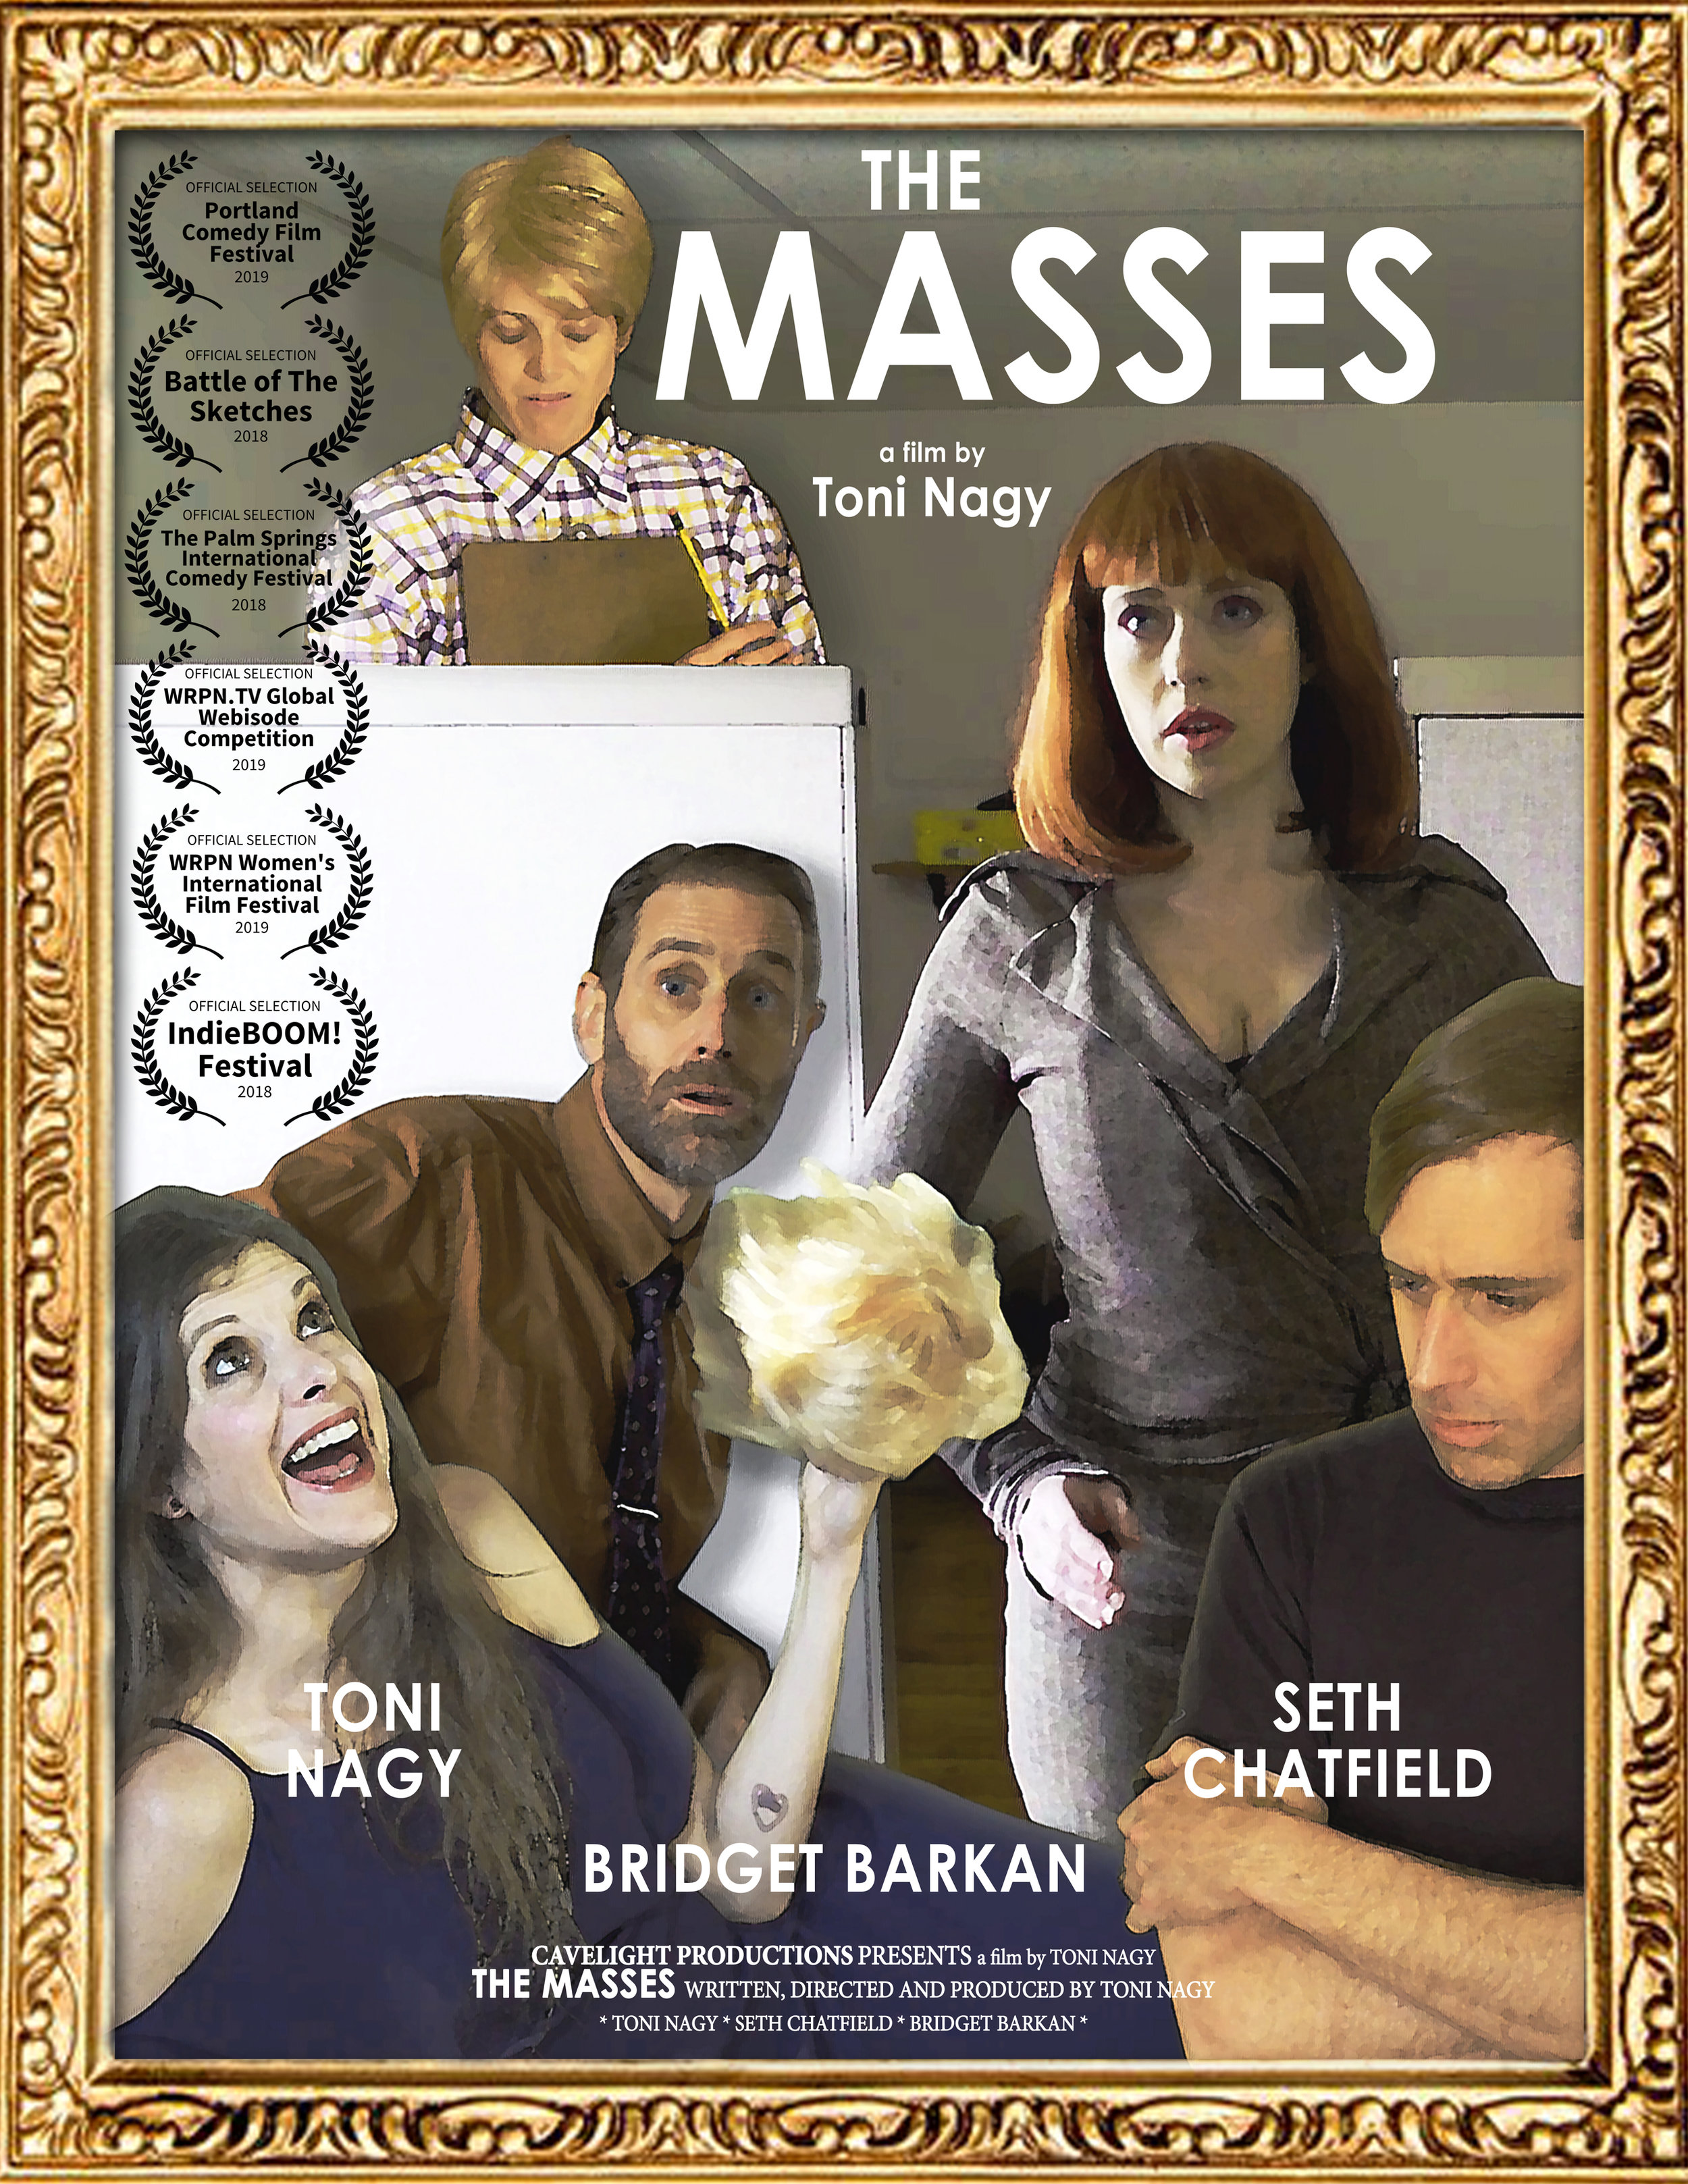 TheMassesPoster.jpg